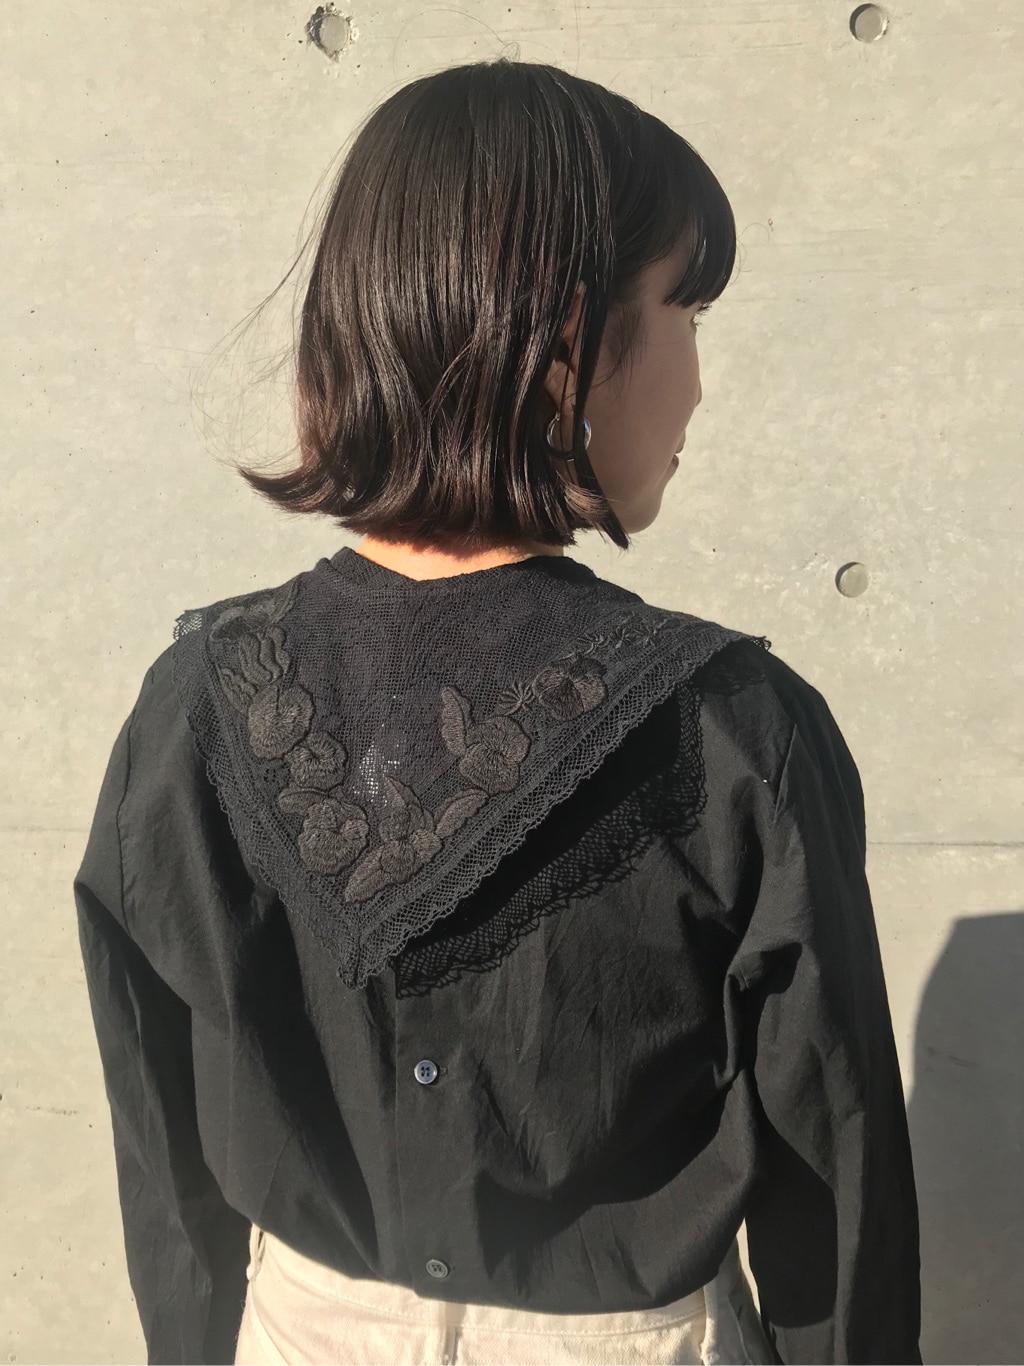 l'atelier du savon 東京スカイツリータウン・ソラマチ 身長:152cm 2021.02.08